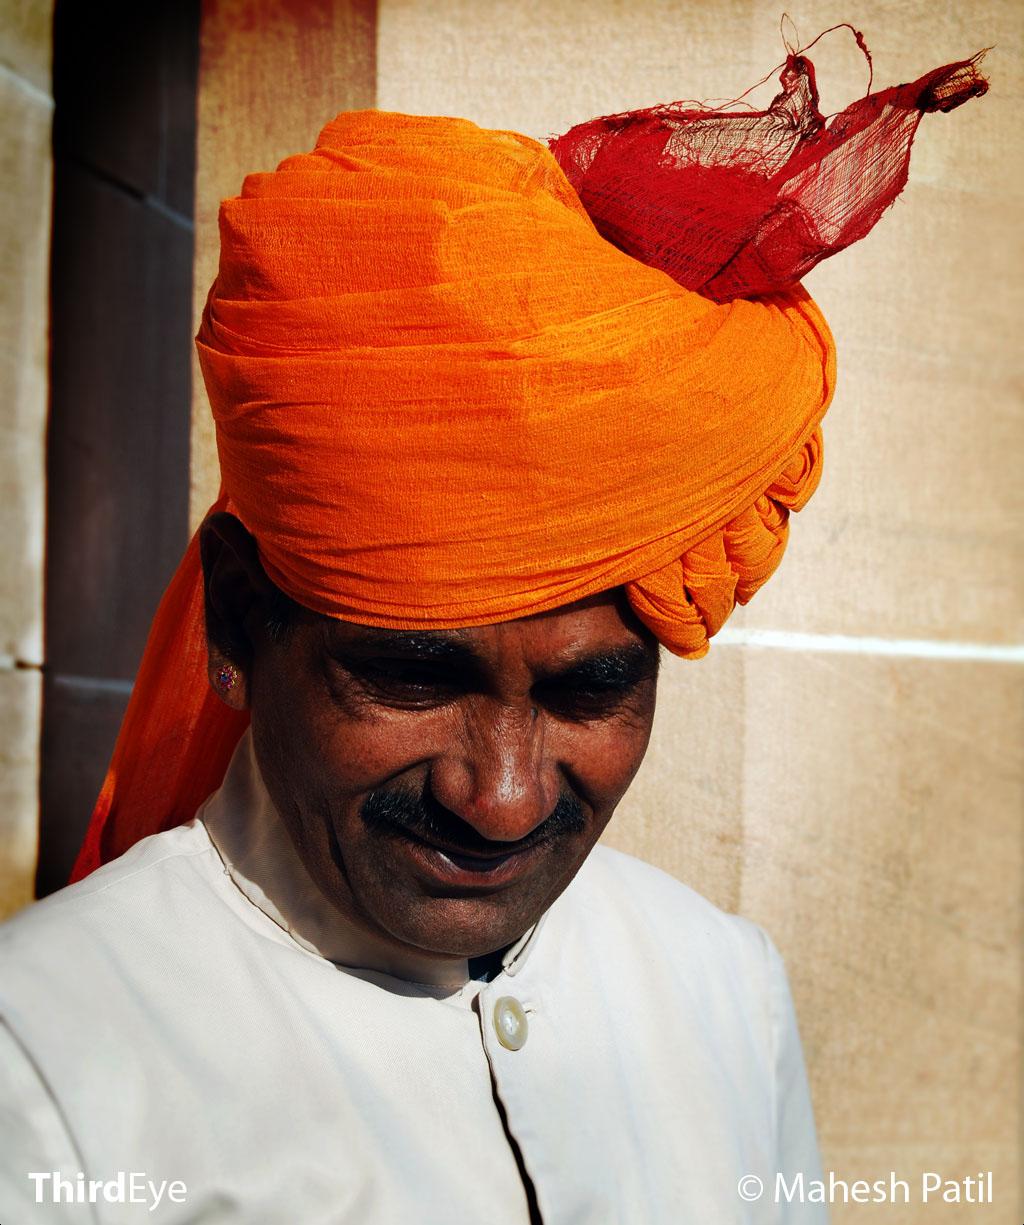 Guard of Umedbhavan